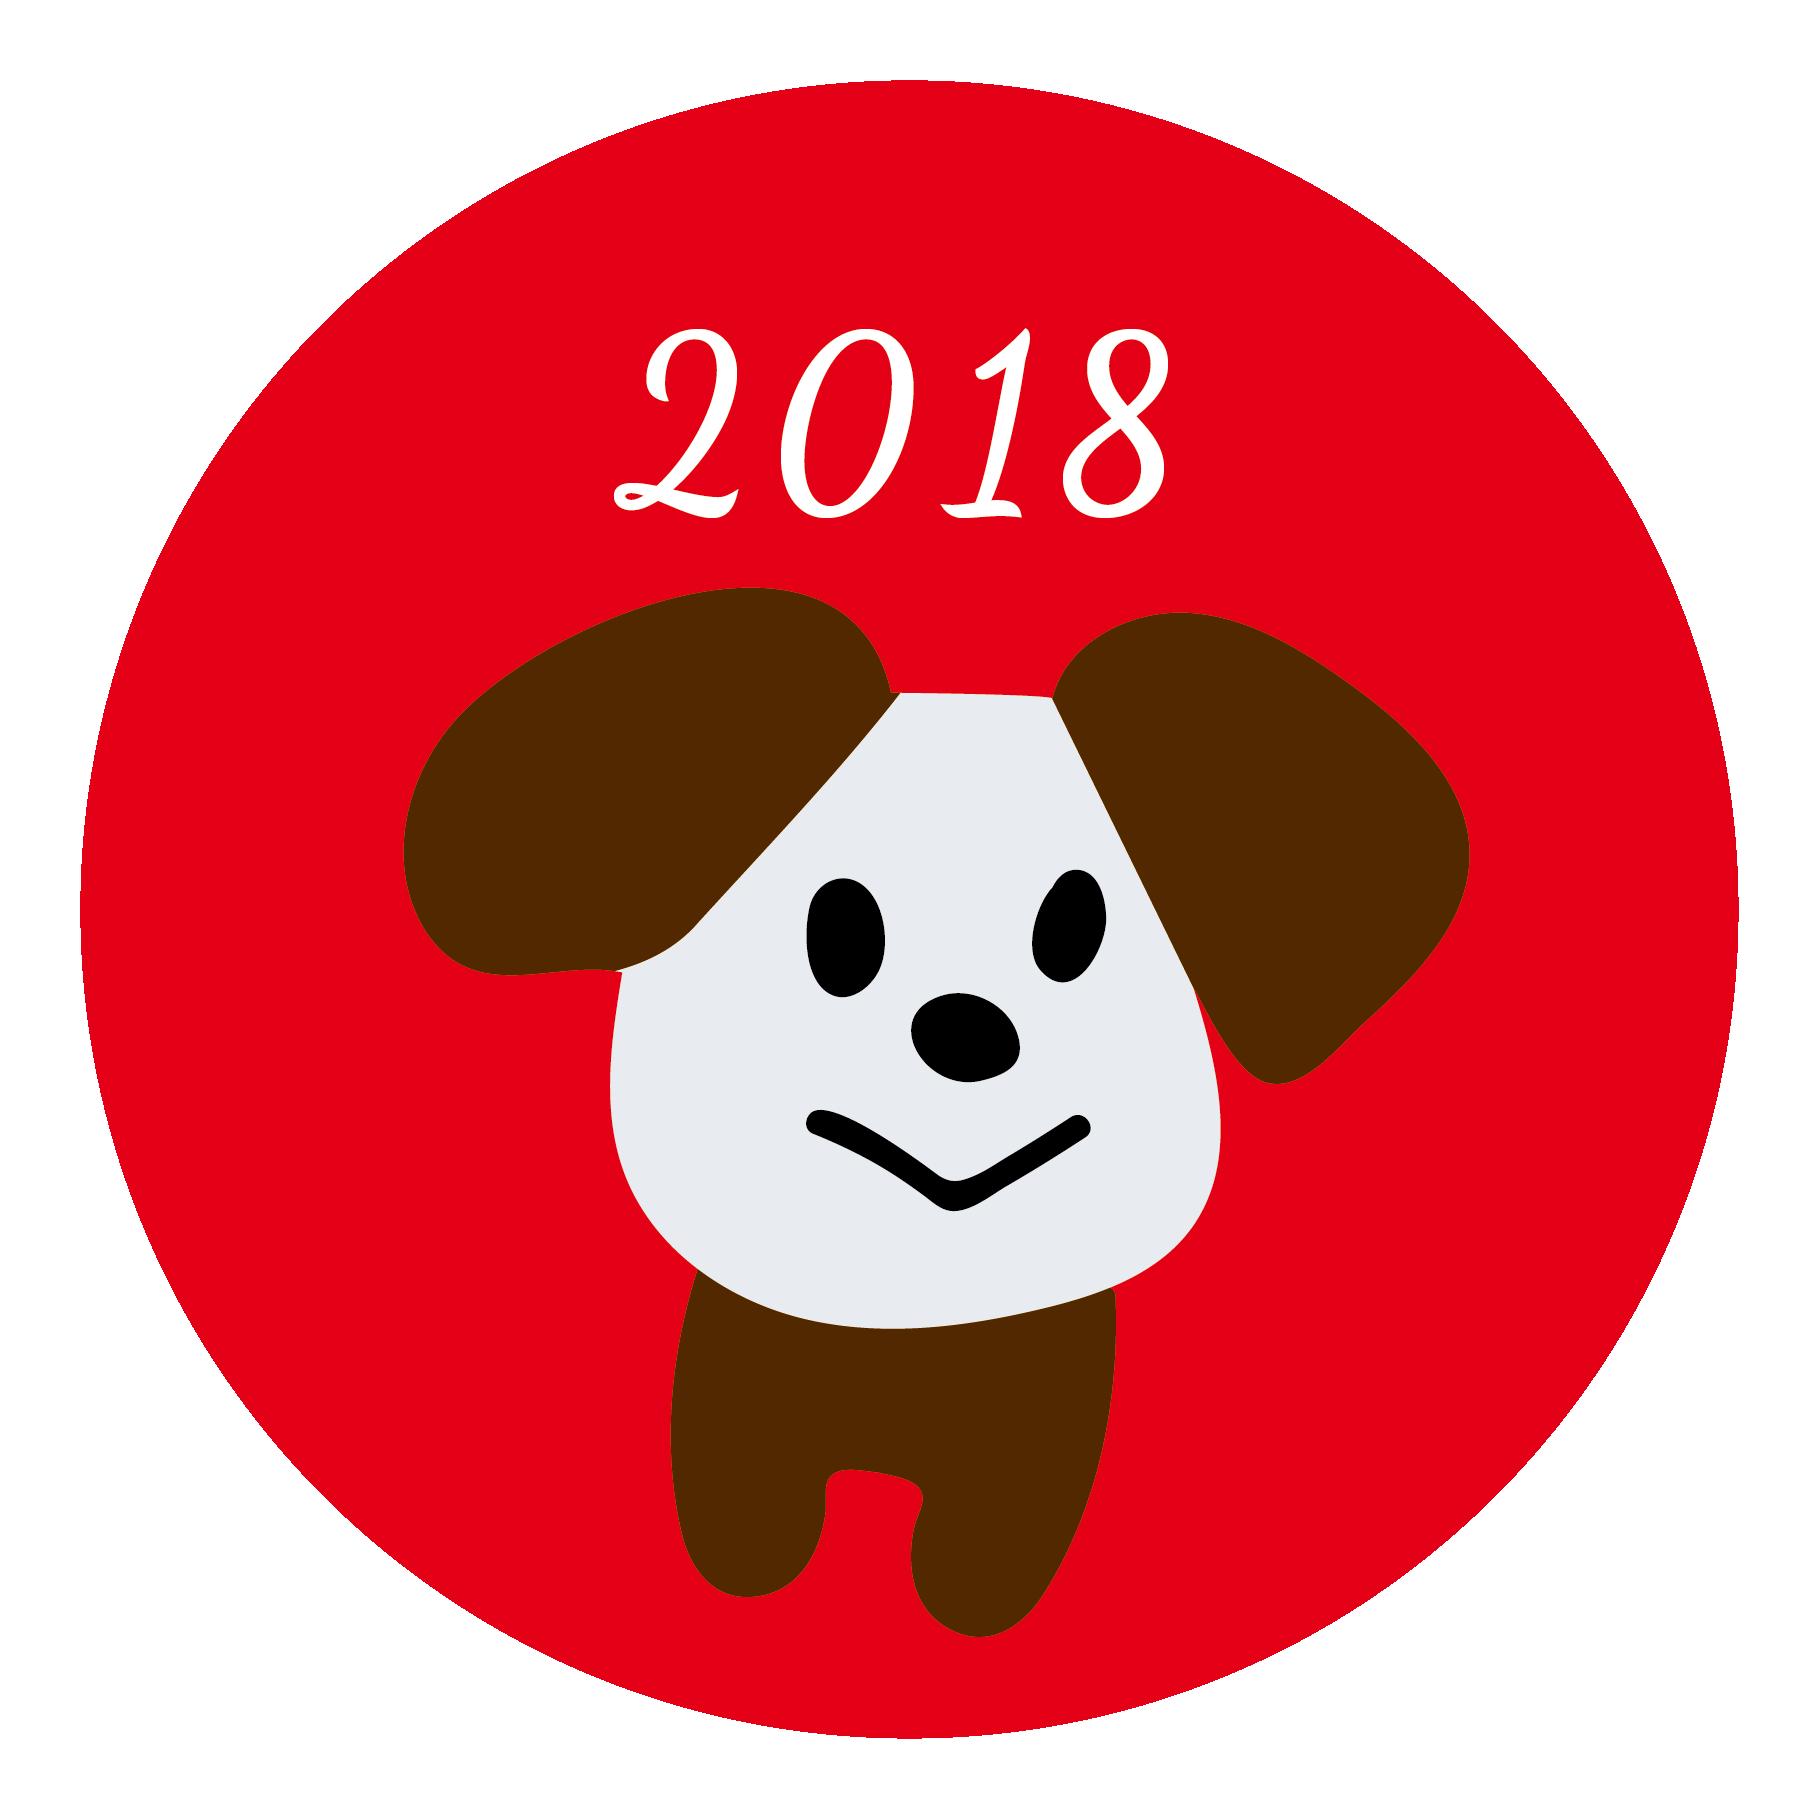 戌年(いぬどし)2018年!縁起の良い♪年賀状ワンポイント イラスト